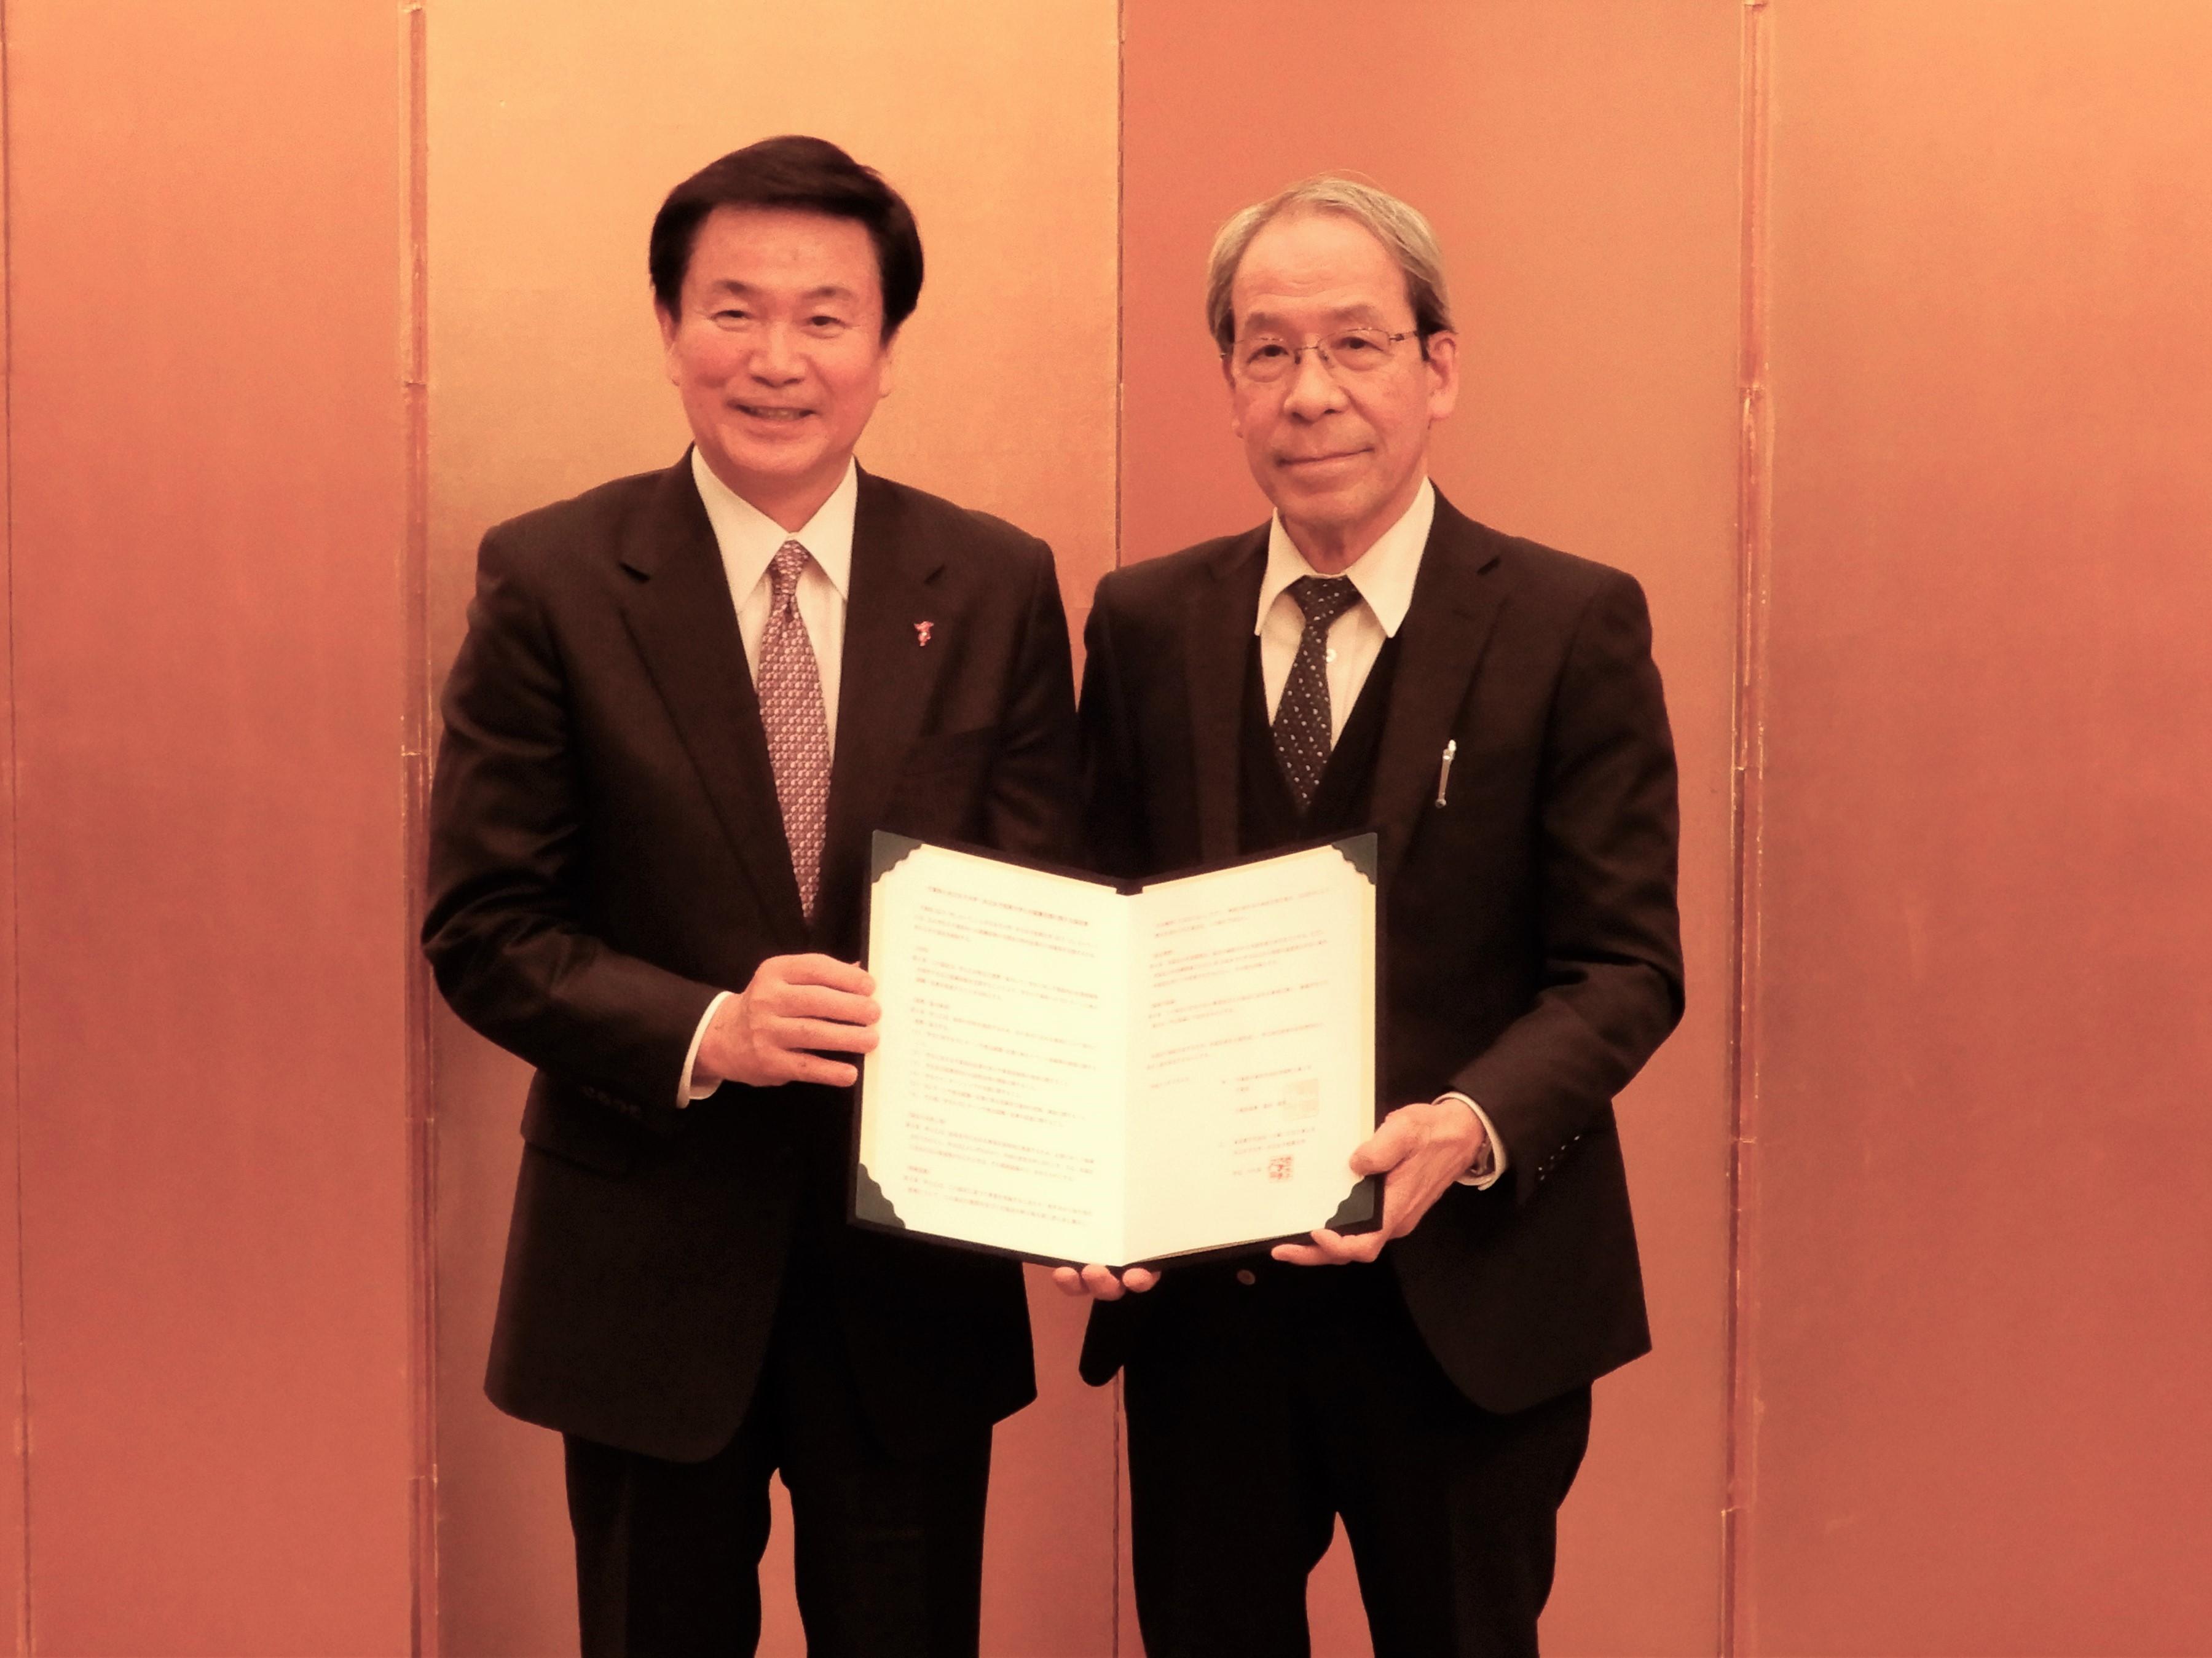 共立女子大学・共立女子短期大学が千葉県と「就職支援に関する協定」を締結 -- 地域経済の活性化のため学生のUIJターンを双方の連携・協力により支援 --